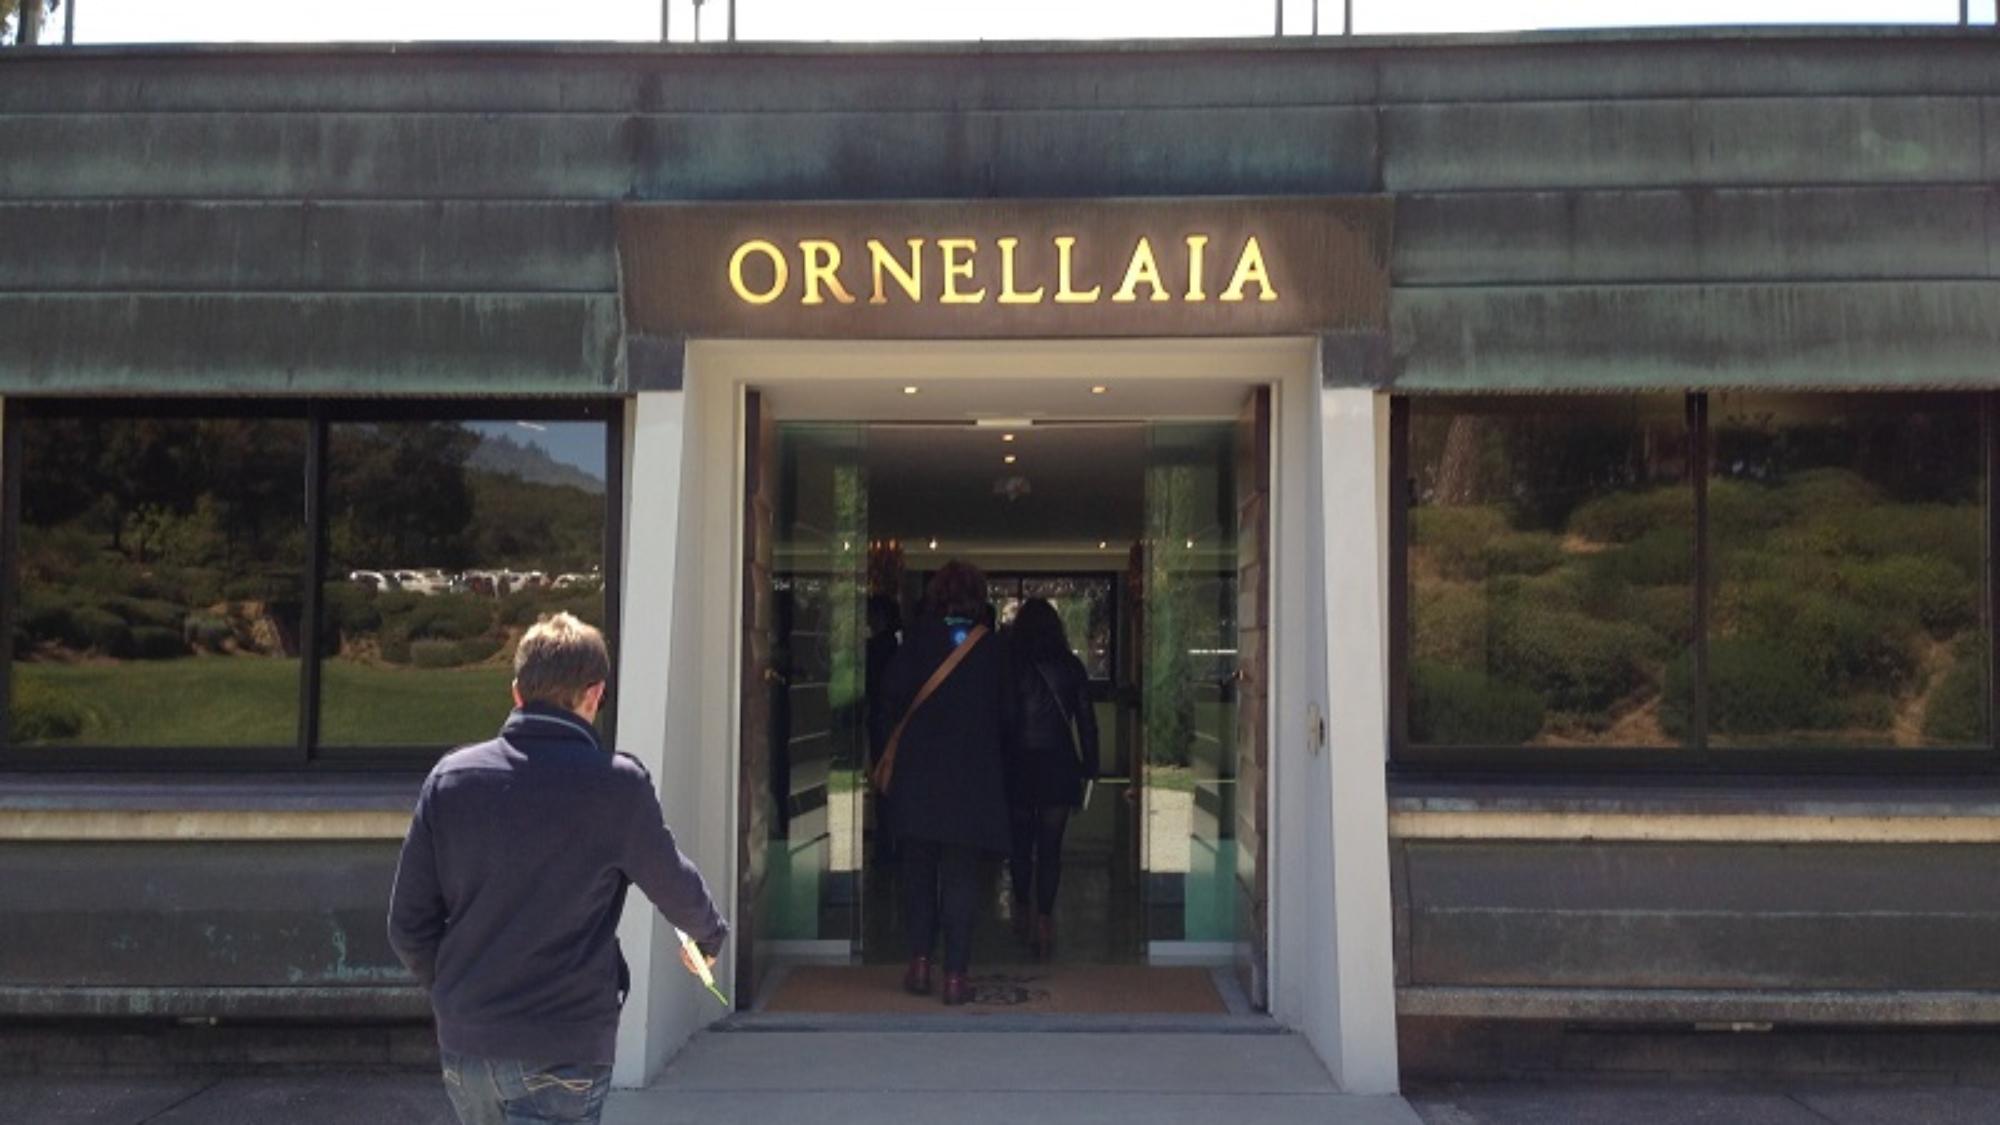 Domaine ORNELLAIA